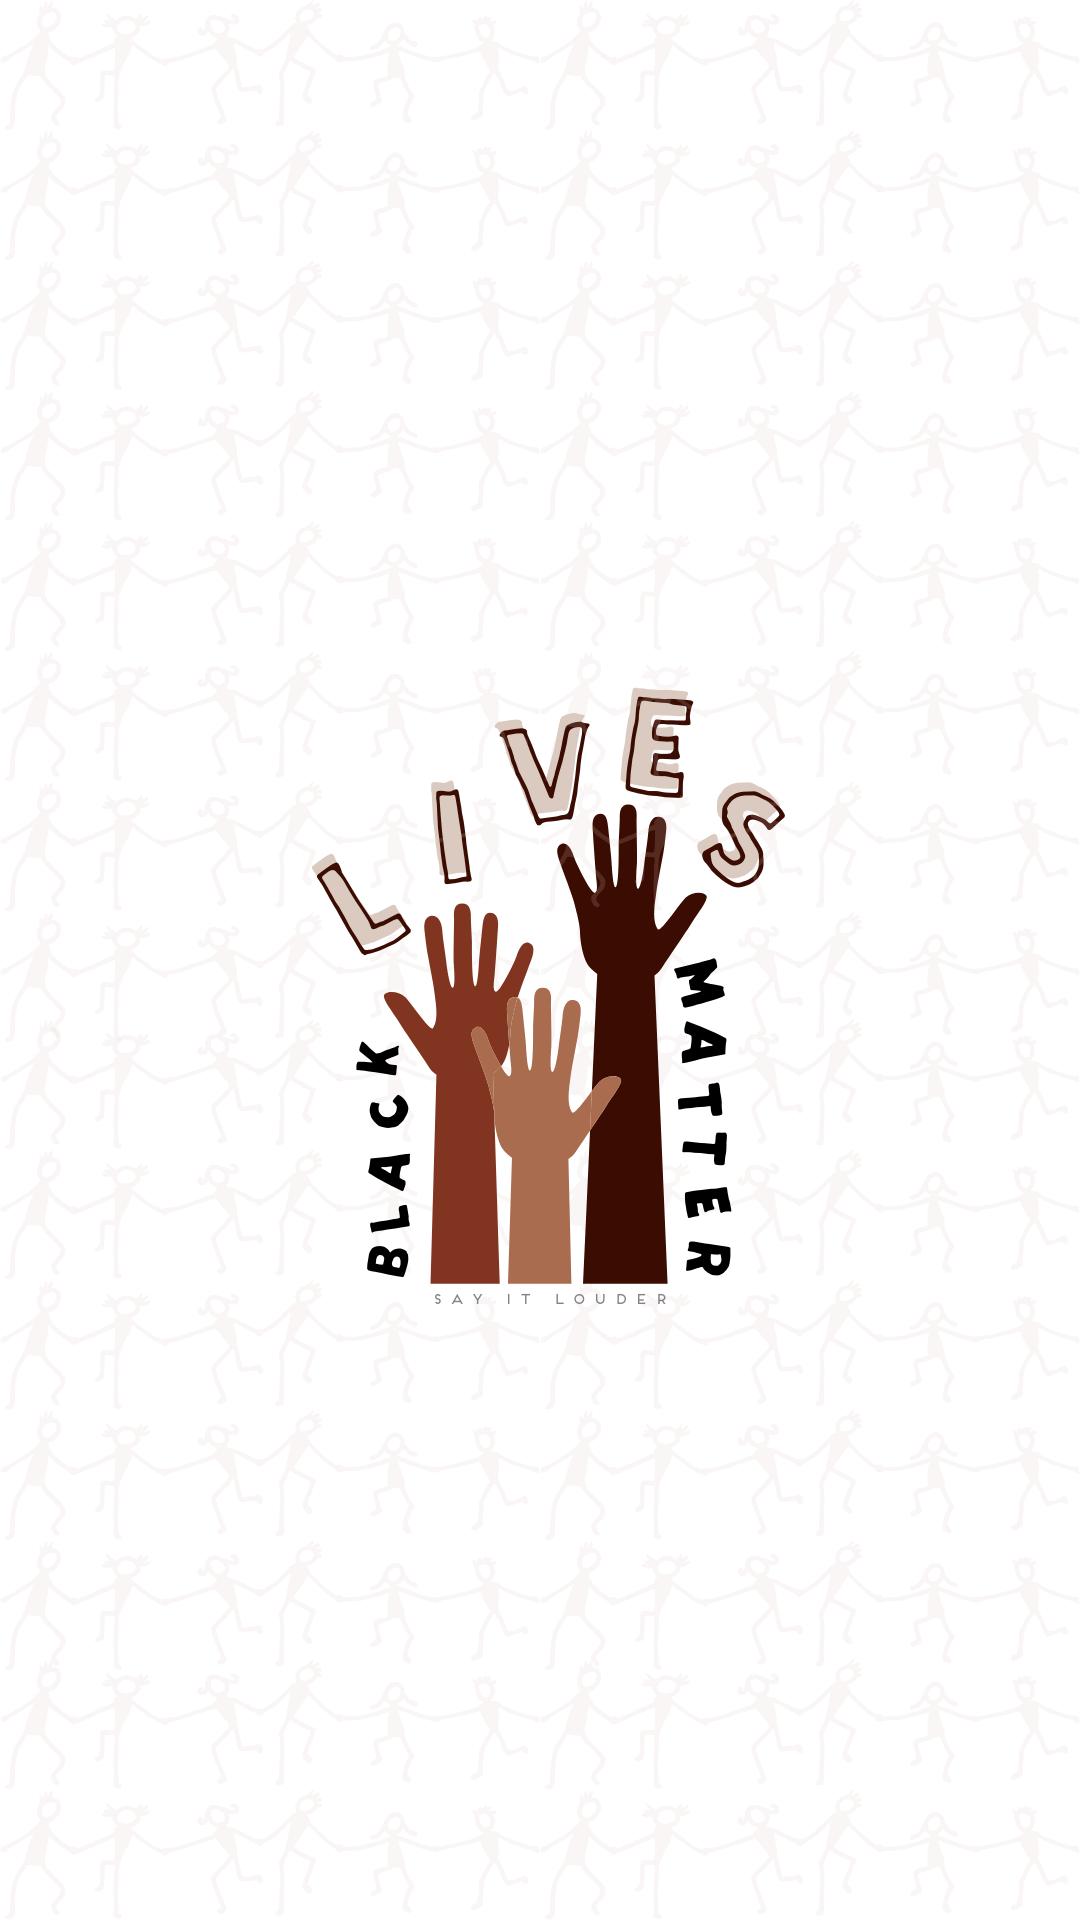 Black Lives Matter wallpaper in 2020 Black lives matter